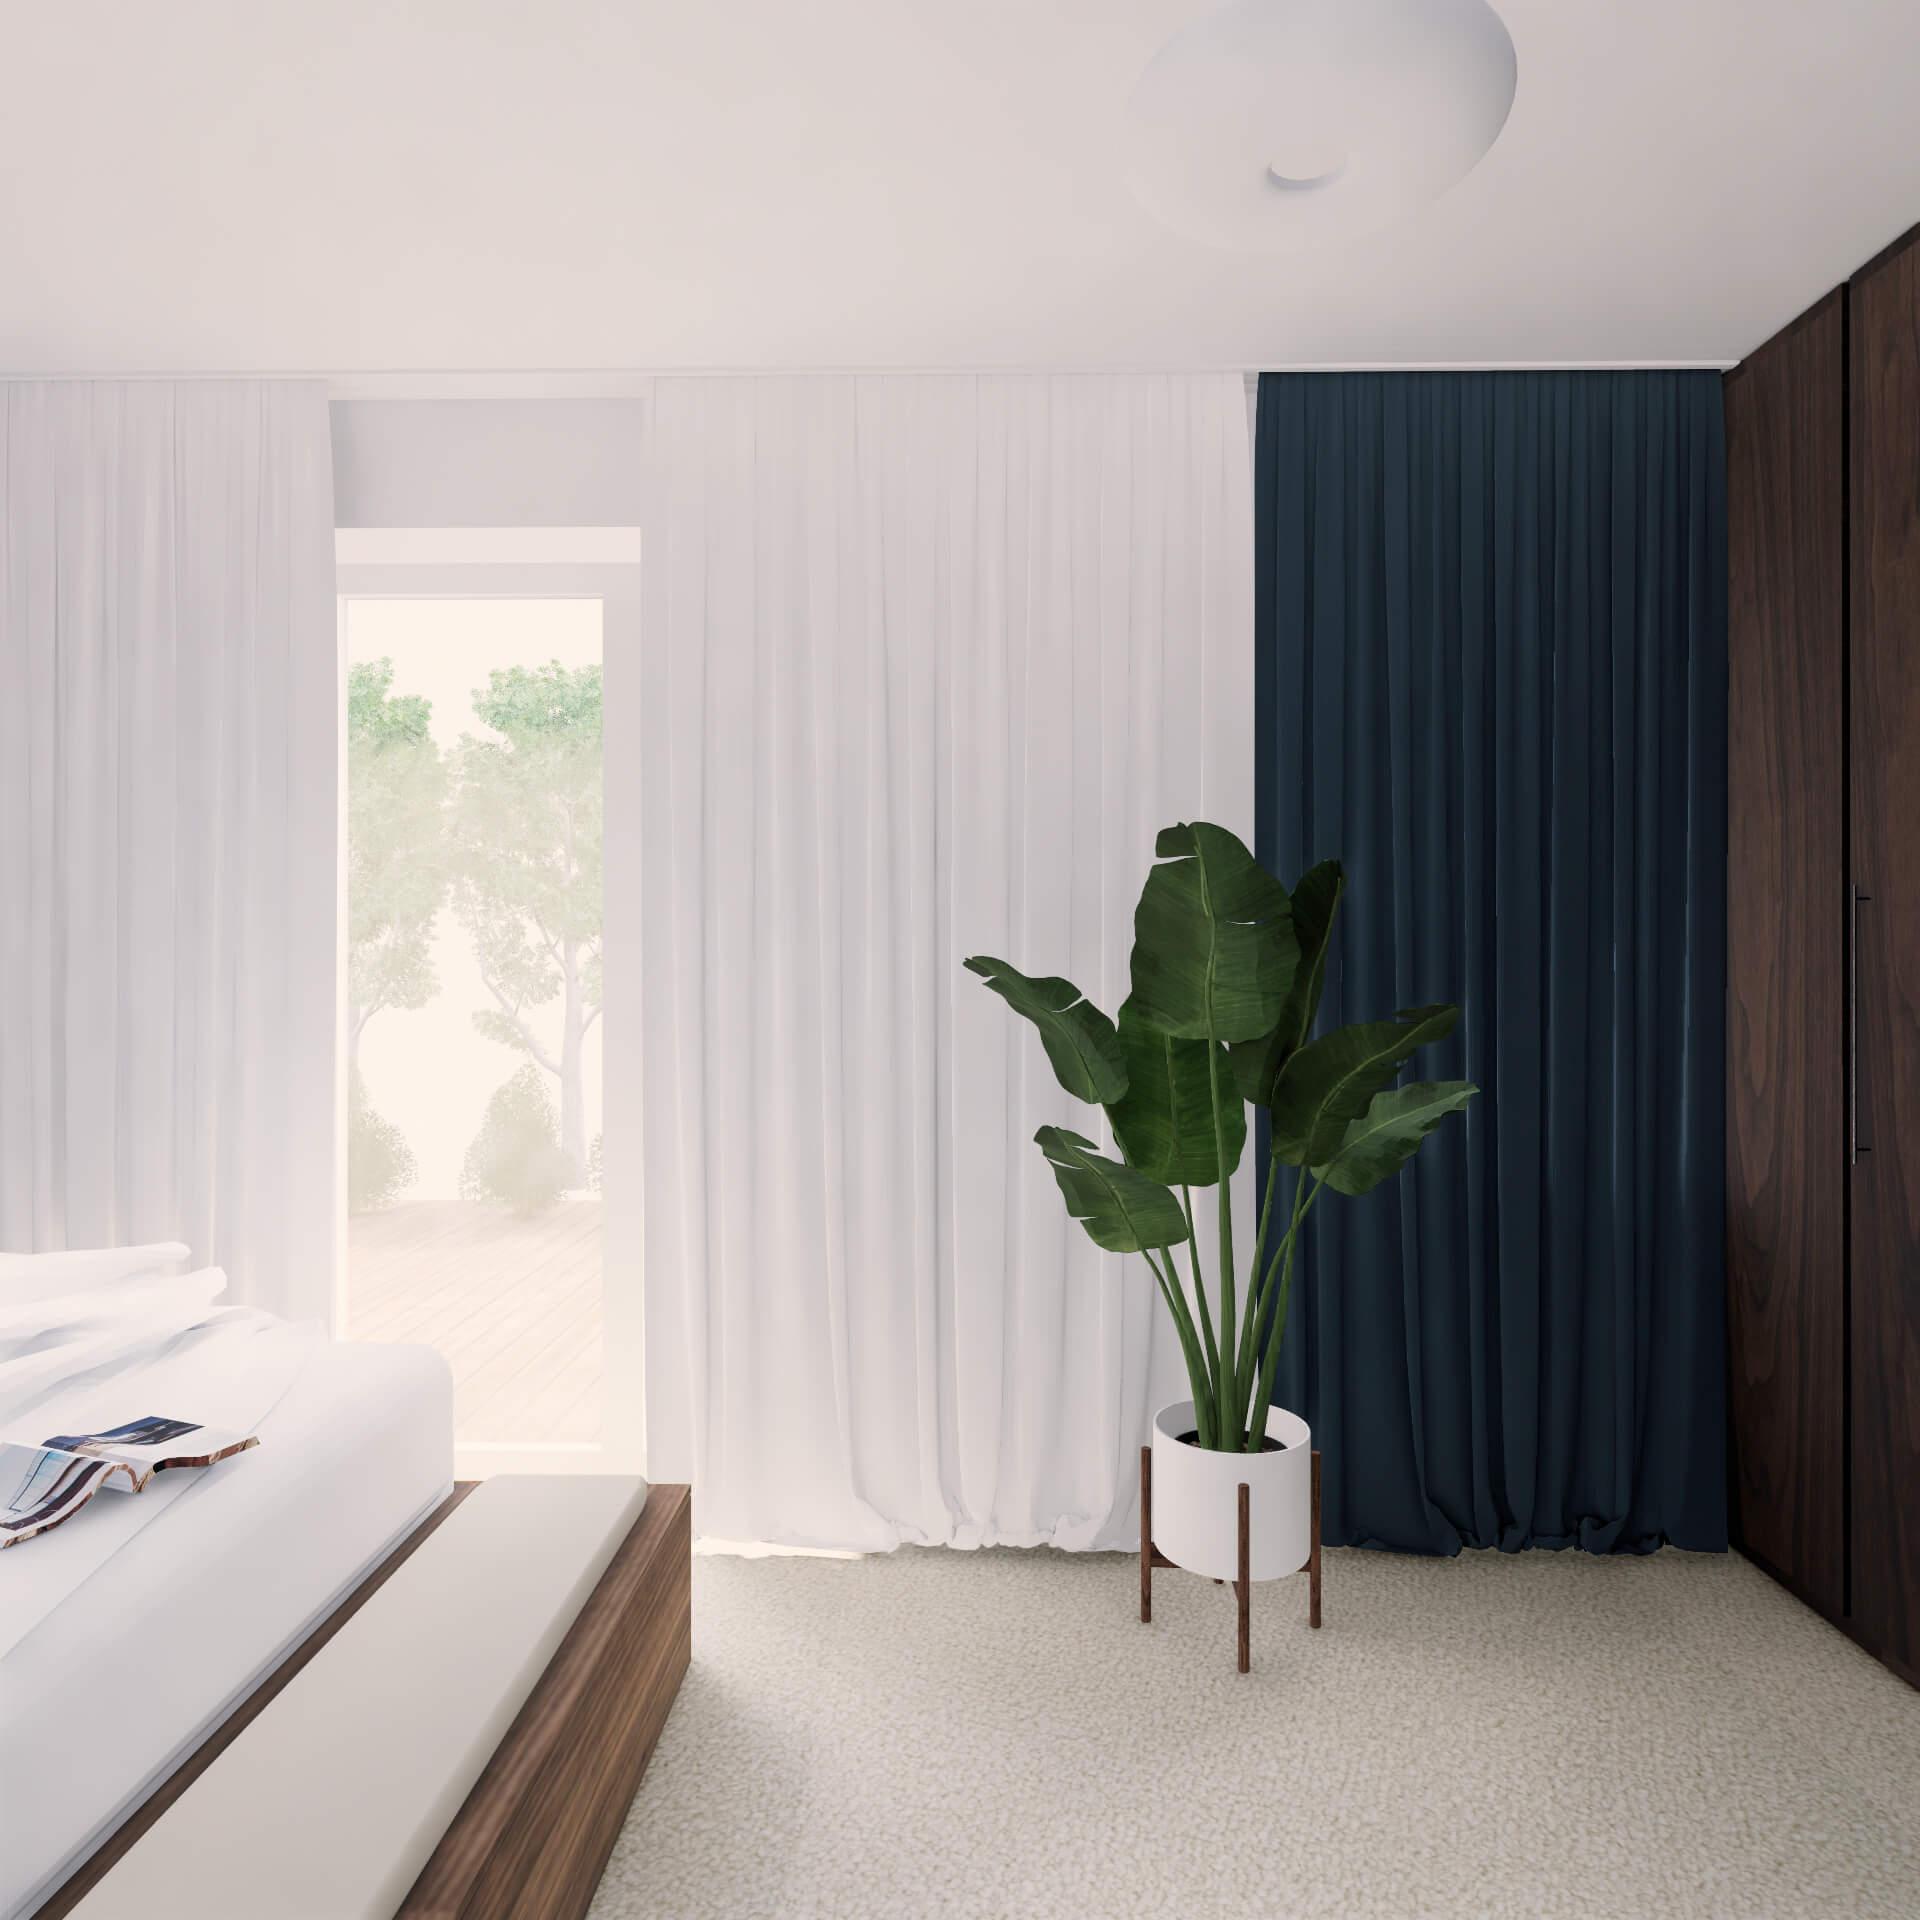 Projekt wnętrza mieszkania wraz z nadzorem nad realizacją. Łazienka w mieszkaniu 71 m2. Sypialnia została zaprojektowana z myślą o wyciszeniu i relaksie. Podobnie jak w reszcie mieszkania kolorystyka jest tu bardzo stonowana, uspokajająca. Naturalne materiały – dreniane meble i wełniana wykładzina dodają przytulności. Dużo przestrzeni do przechowywania. W zagłówku łóżka została schowana szafa na książki. Rama łóżka z kufrem i podnoszonym stelażem oraz szafa w zabudowie.